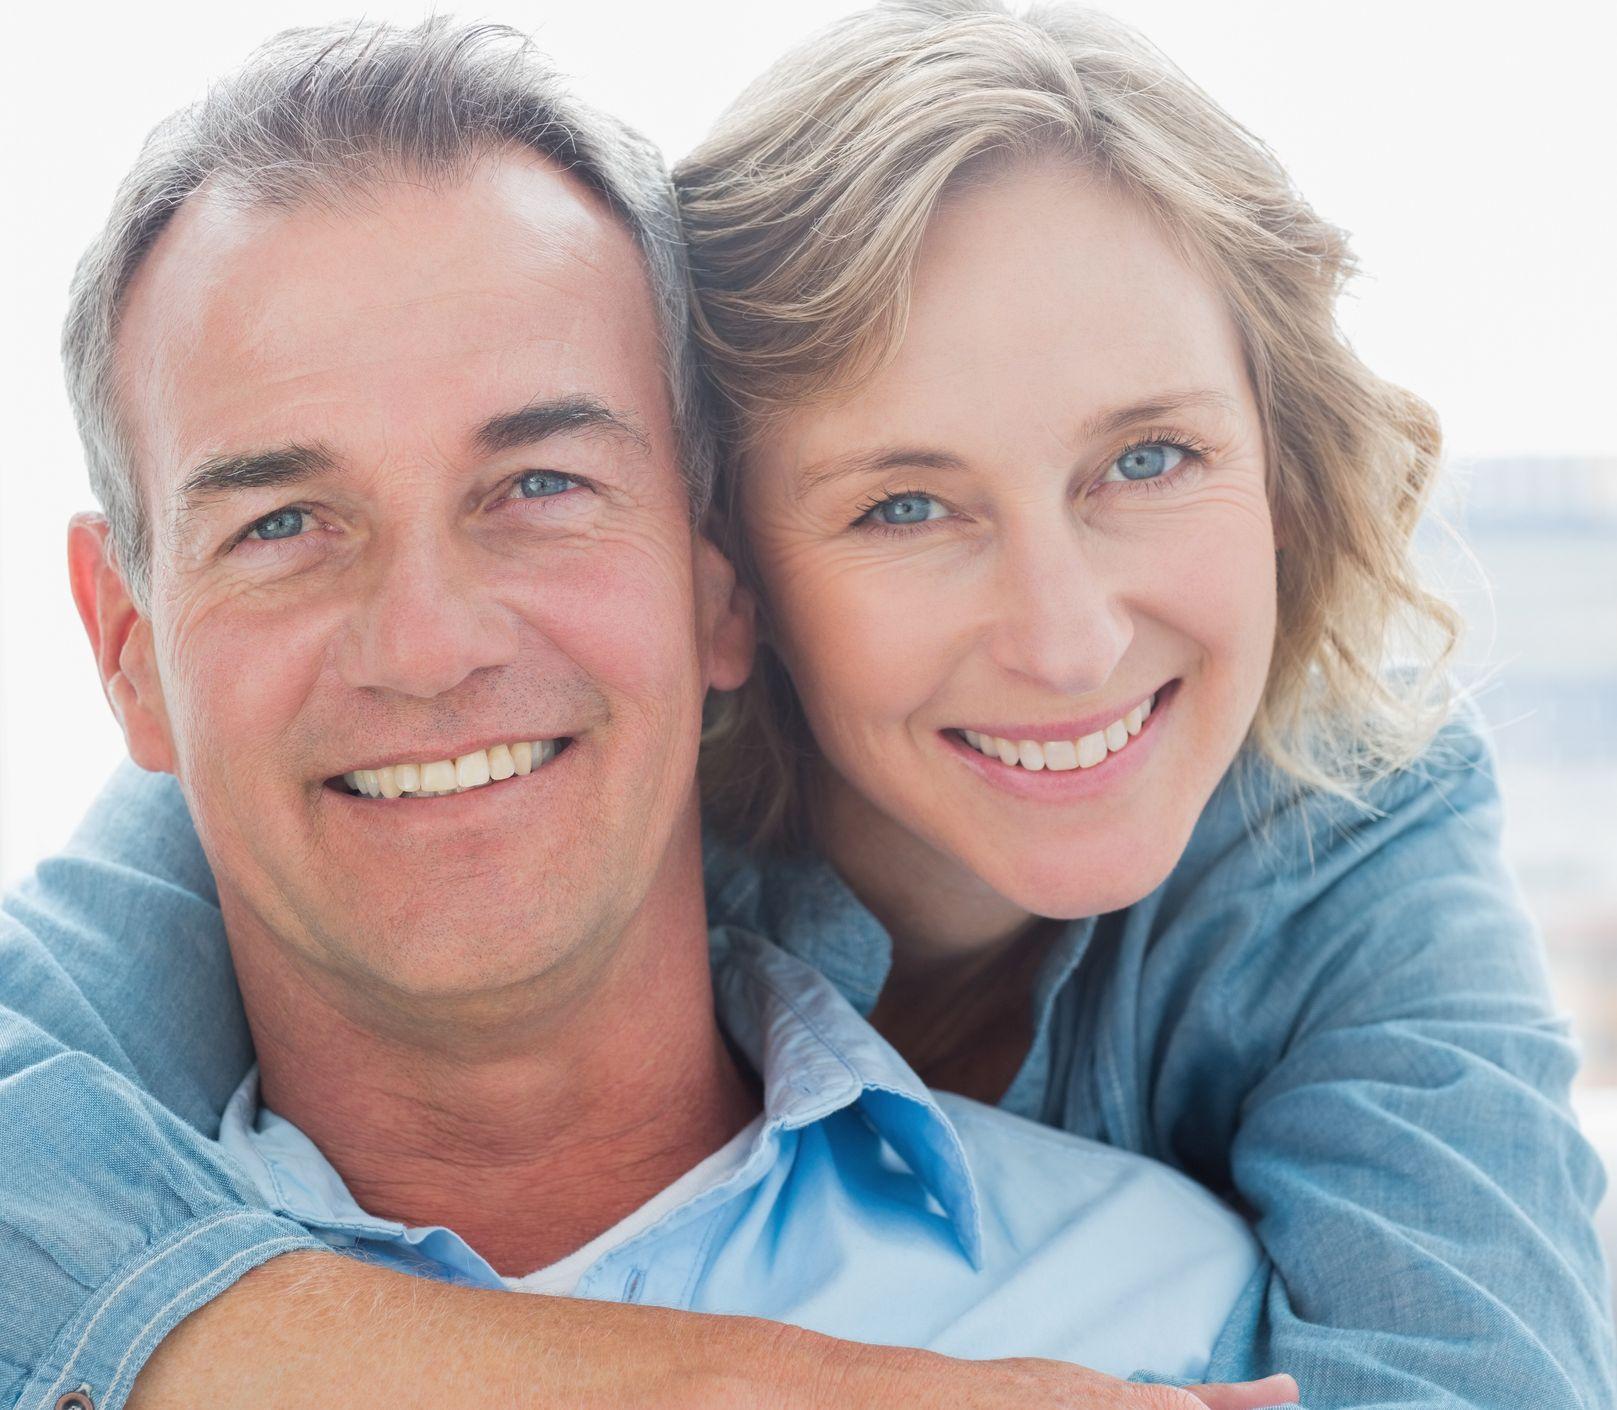 Ako si udržať dlhodobý a kvalitný vzťah: Pracovať na ňom musia obaja!